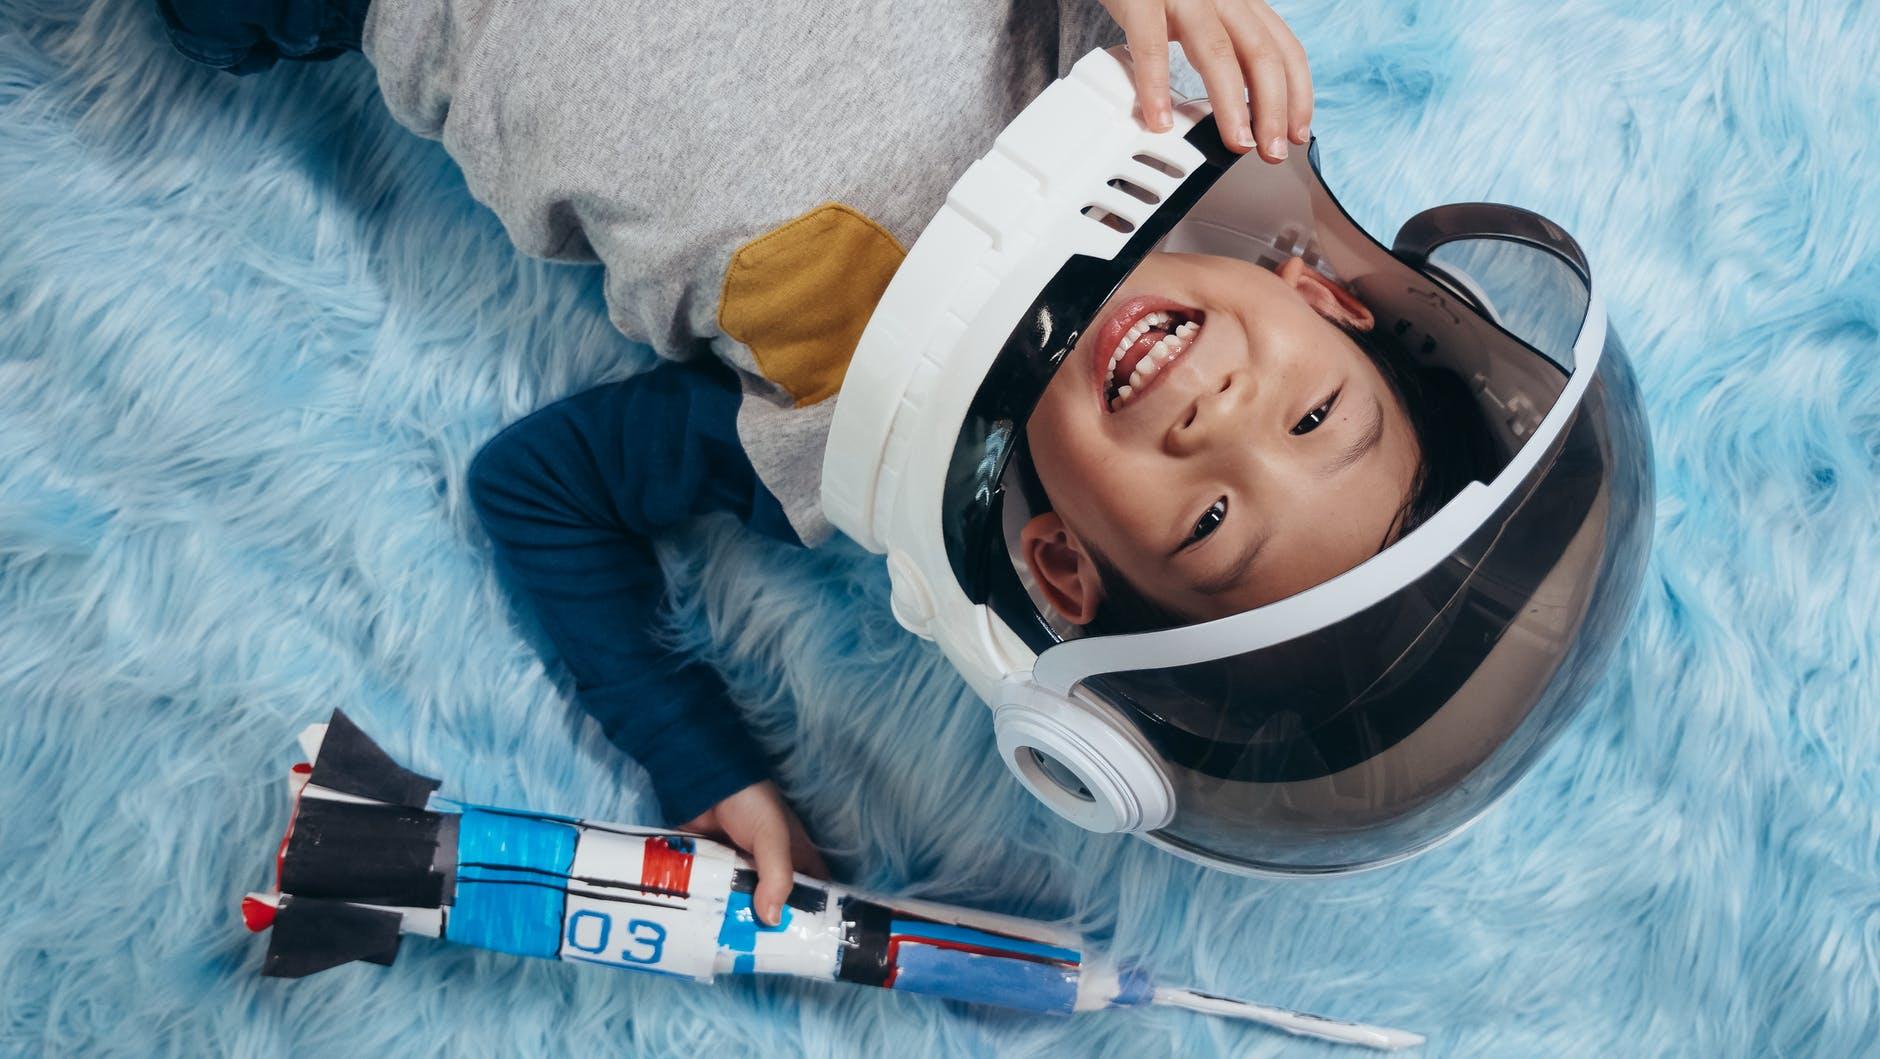 В Китае вводят выплаты за второго и третьего ребенка